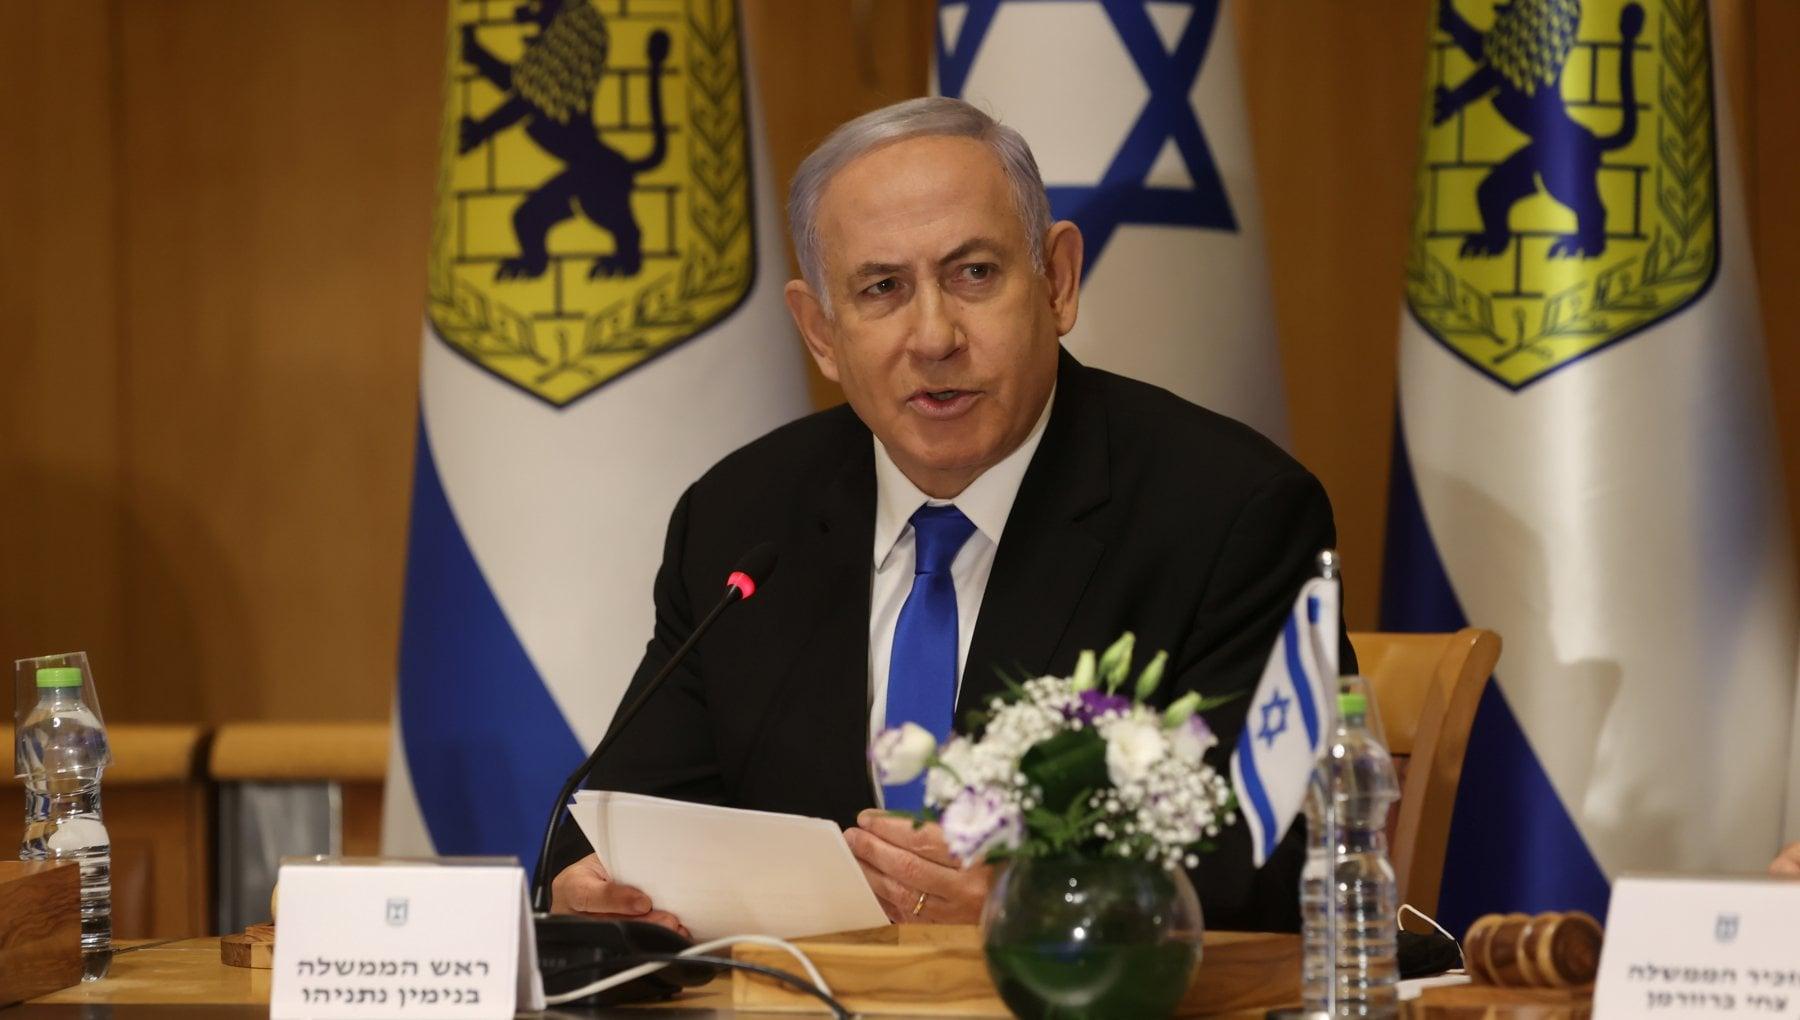 """195322111 bd4b7a0e 4a2d 48aa afee fa1cf753b3b5 - Israele, posticipata l'udienza sullo sfratto dei palestinesi a Sheikh Jarrah. Netanyahu sugli scontri: """"Risponderemo con forza a atti di aggressione"""""""